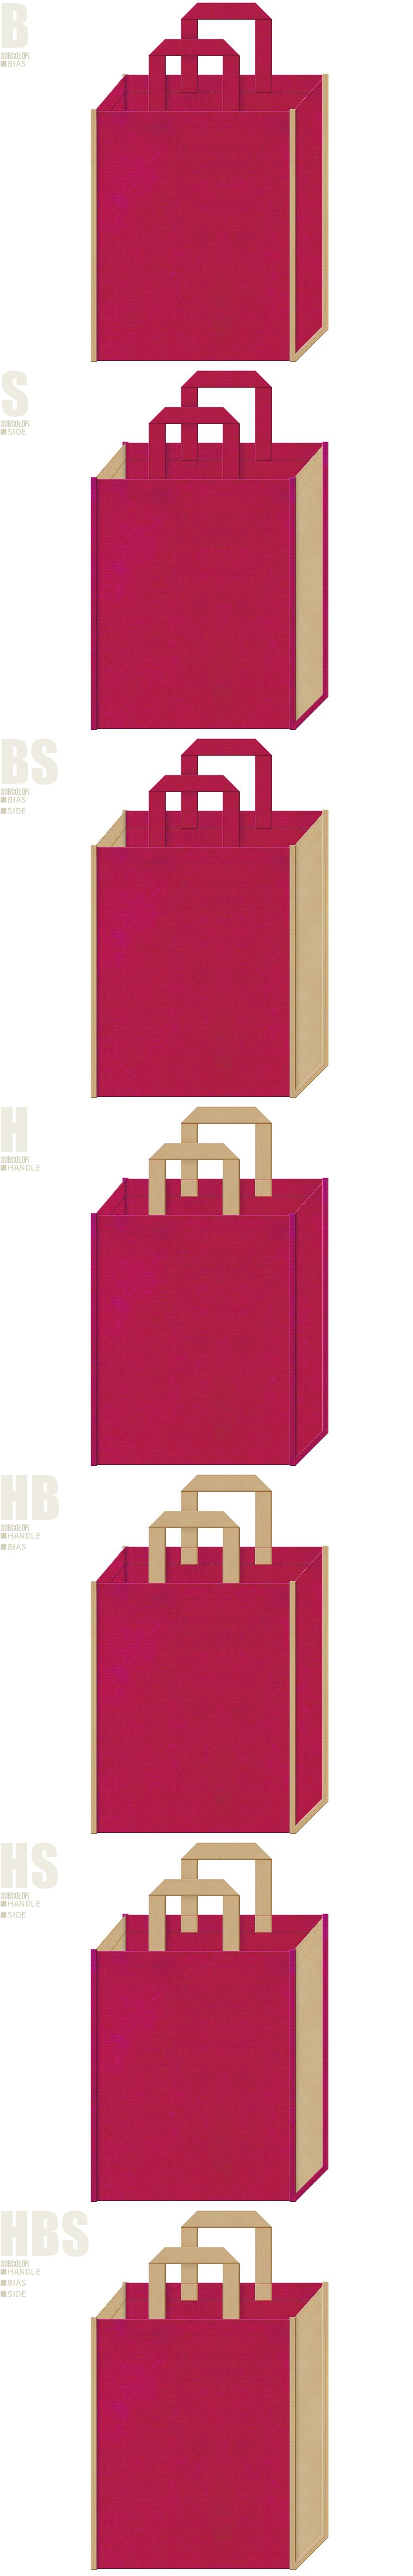 濃いピンク色とカーキ色、7パターンの不織布トートバッグ配色デザイン例。